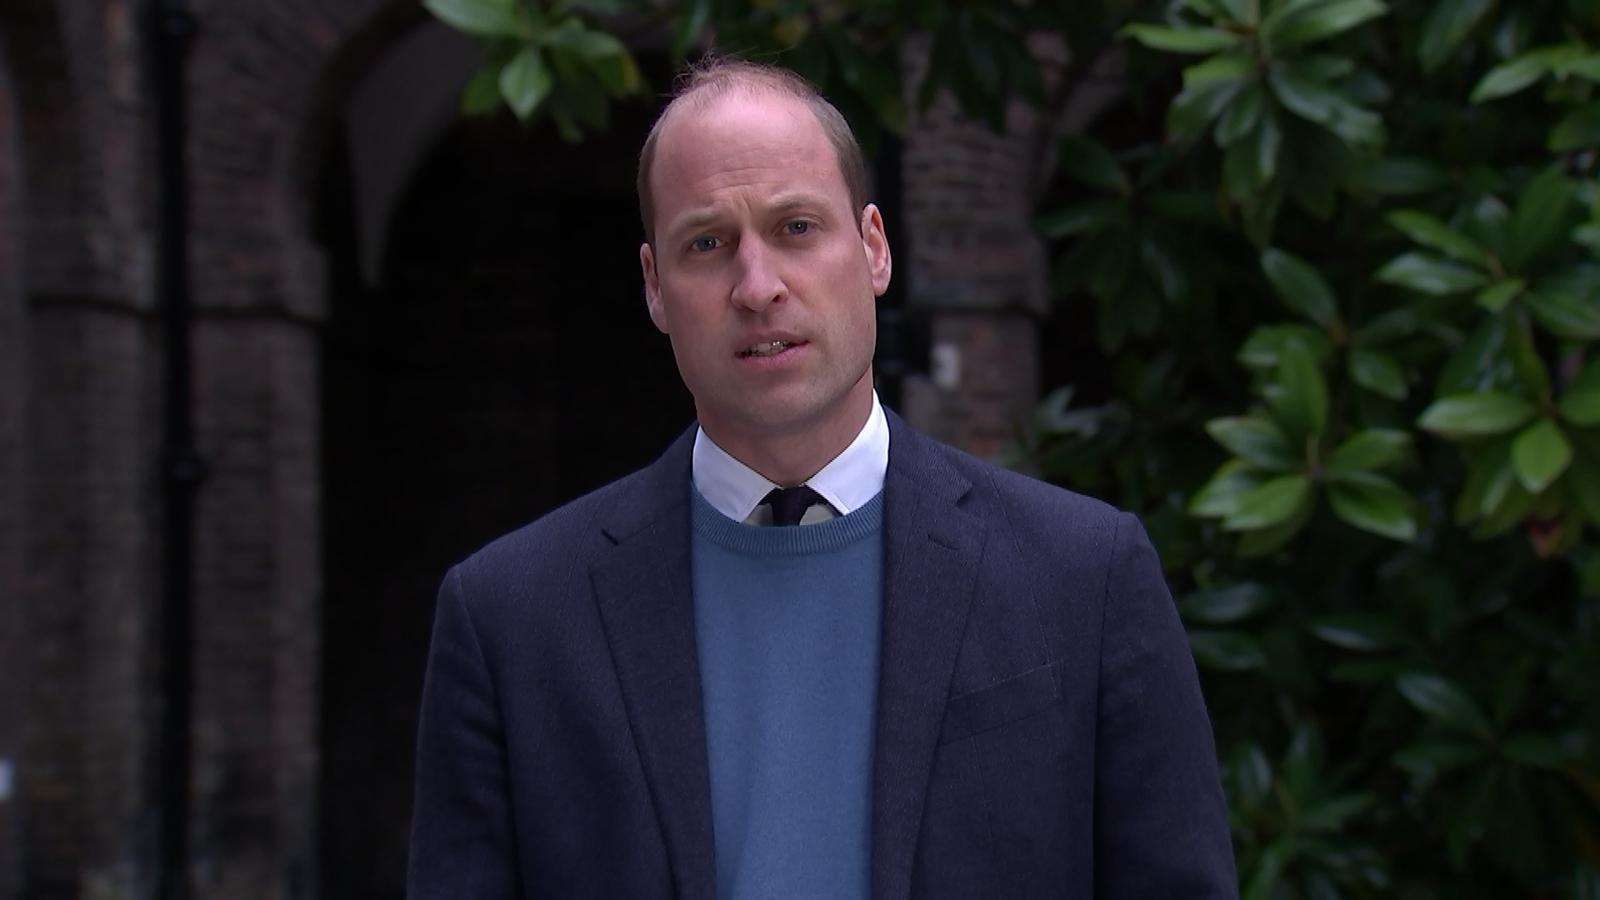 Kontrowersje związane z wywiadem księżnej Diany dla BBC - oświadczenie księcia Williama